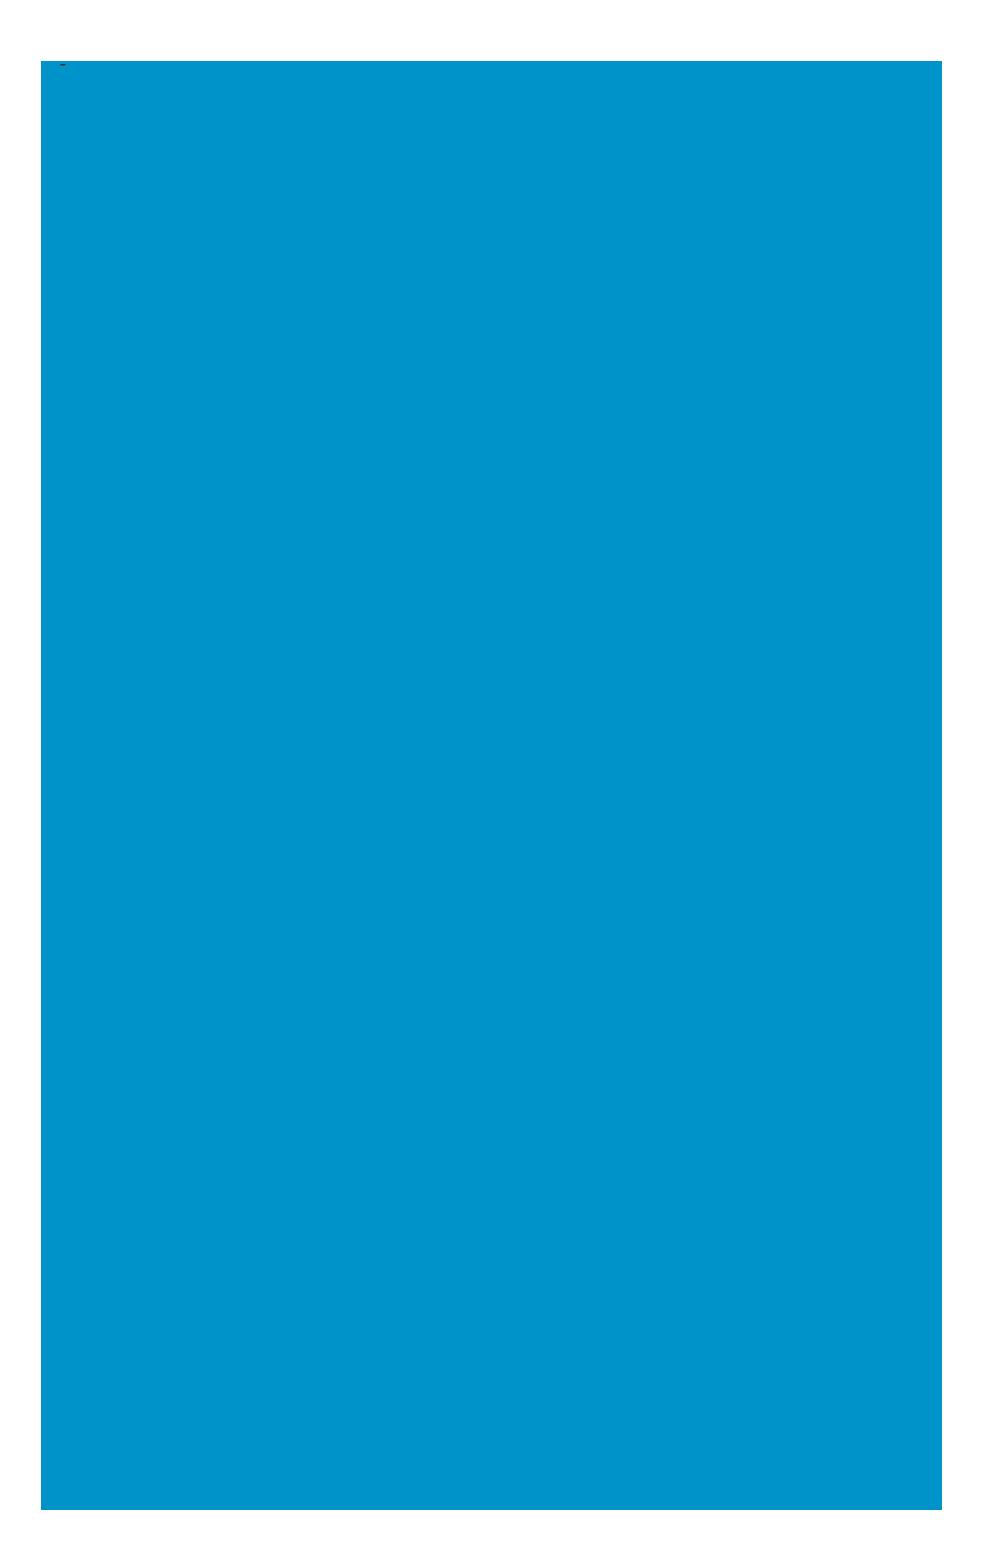 free-ecommerce-icons-16